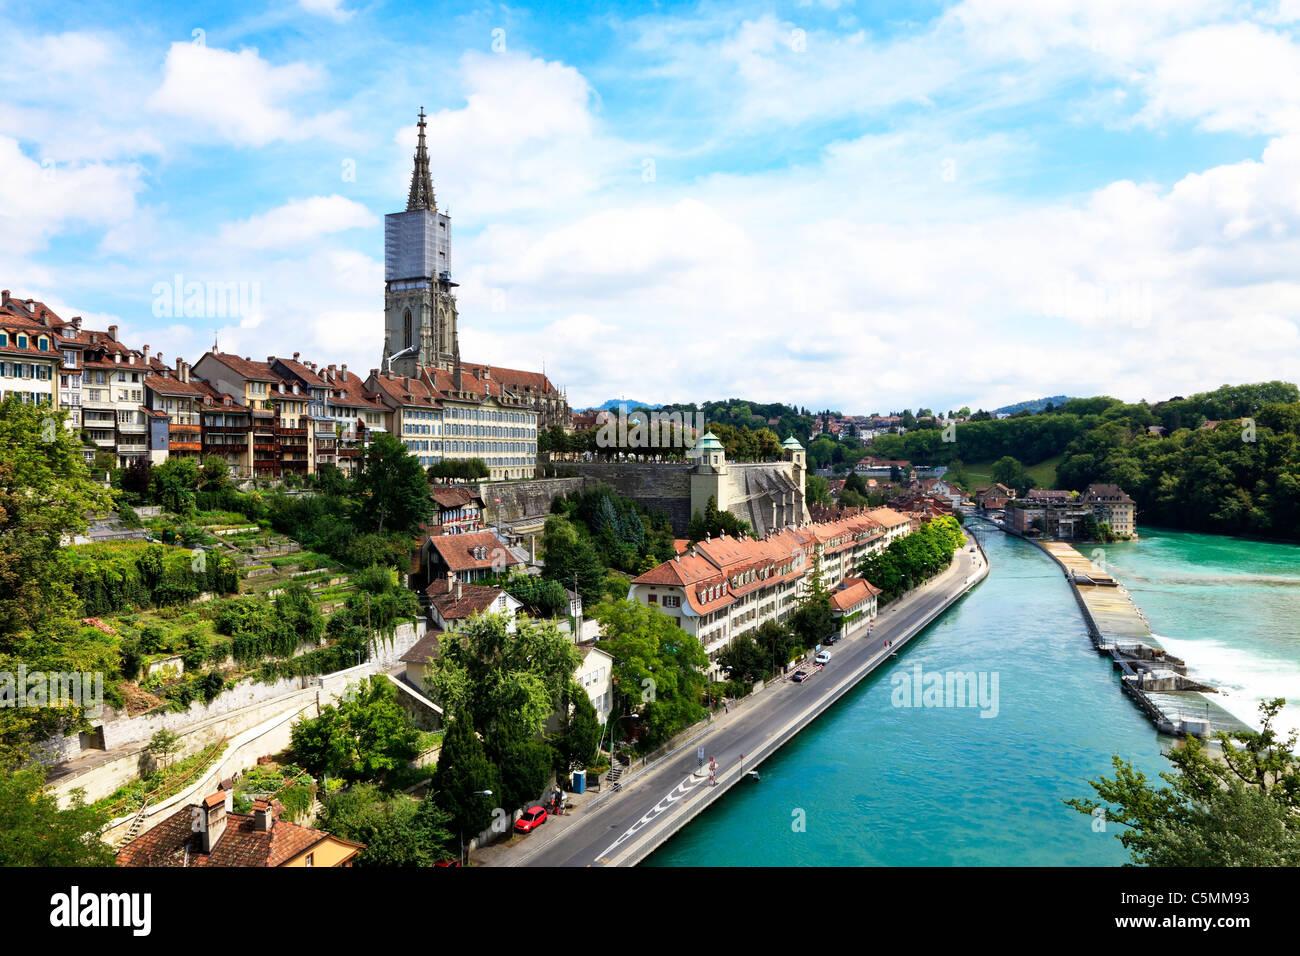 Berna, la capital de Suiza. Panorama con la catedral y el río Aare. Foto de stock